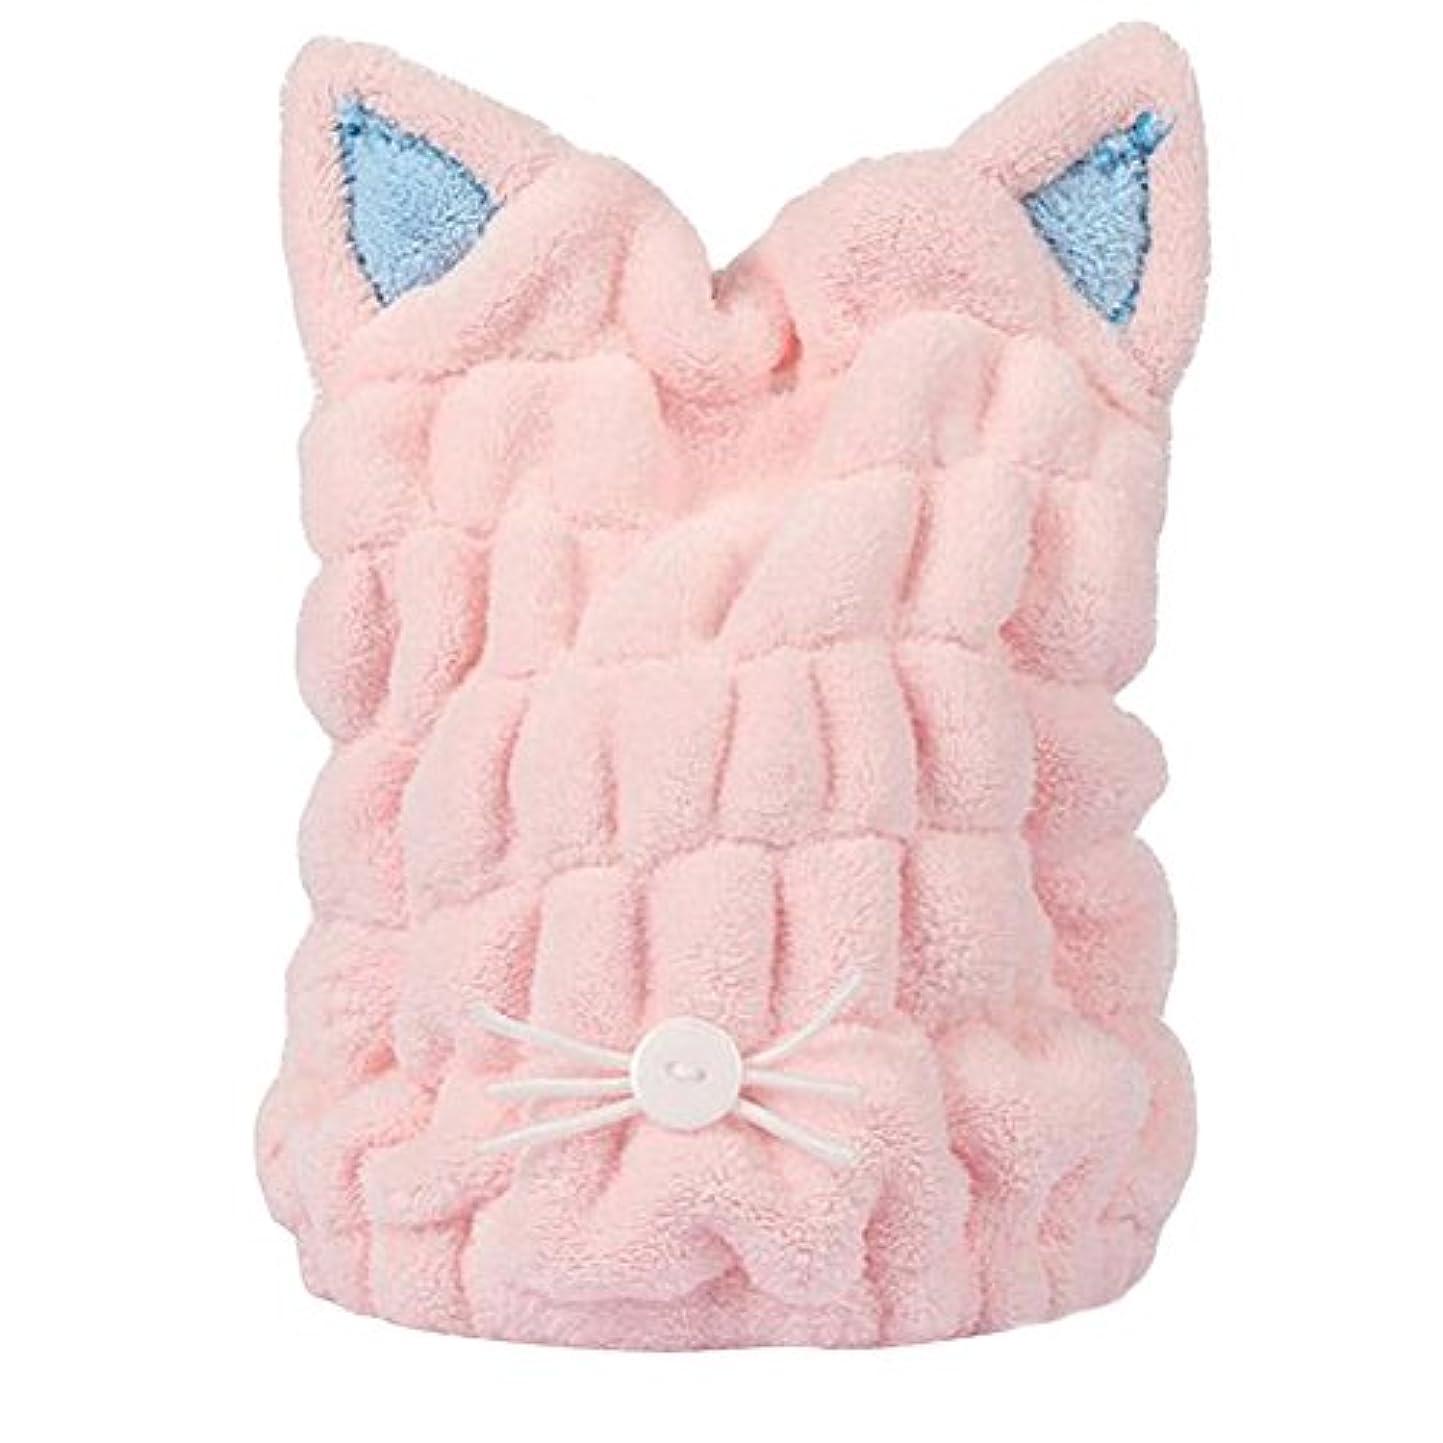 ランデブーシロクマオセアニアタオルキャップ 猫耳 ヘアドライキャップ 吸水 乾燥用 お風呂用 マイクロファイバー 可愛い (ピンク)